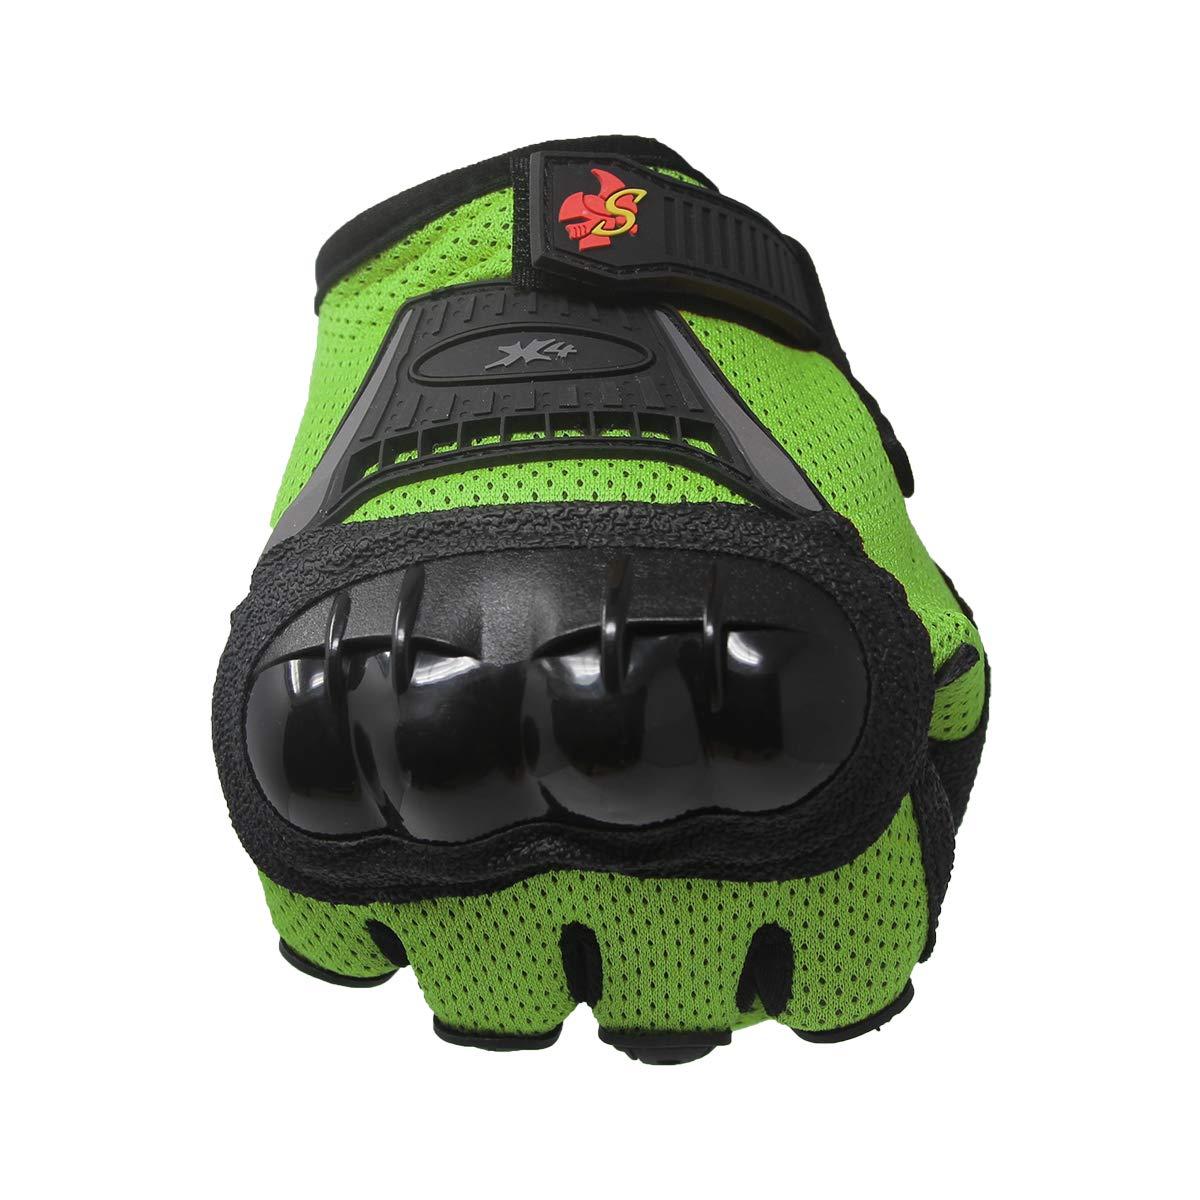 S, black Street Bike Full Finger Motorcycle Gloves 09